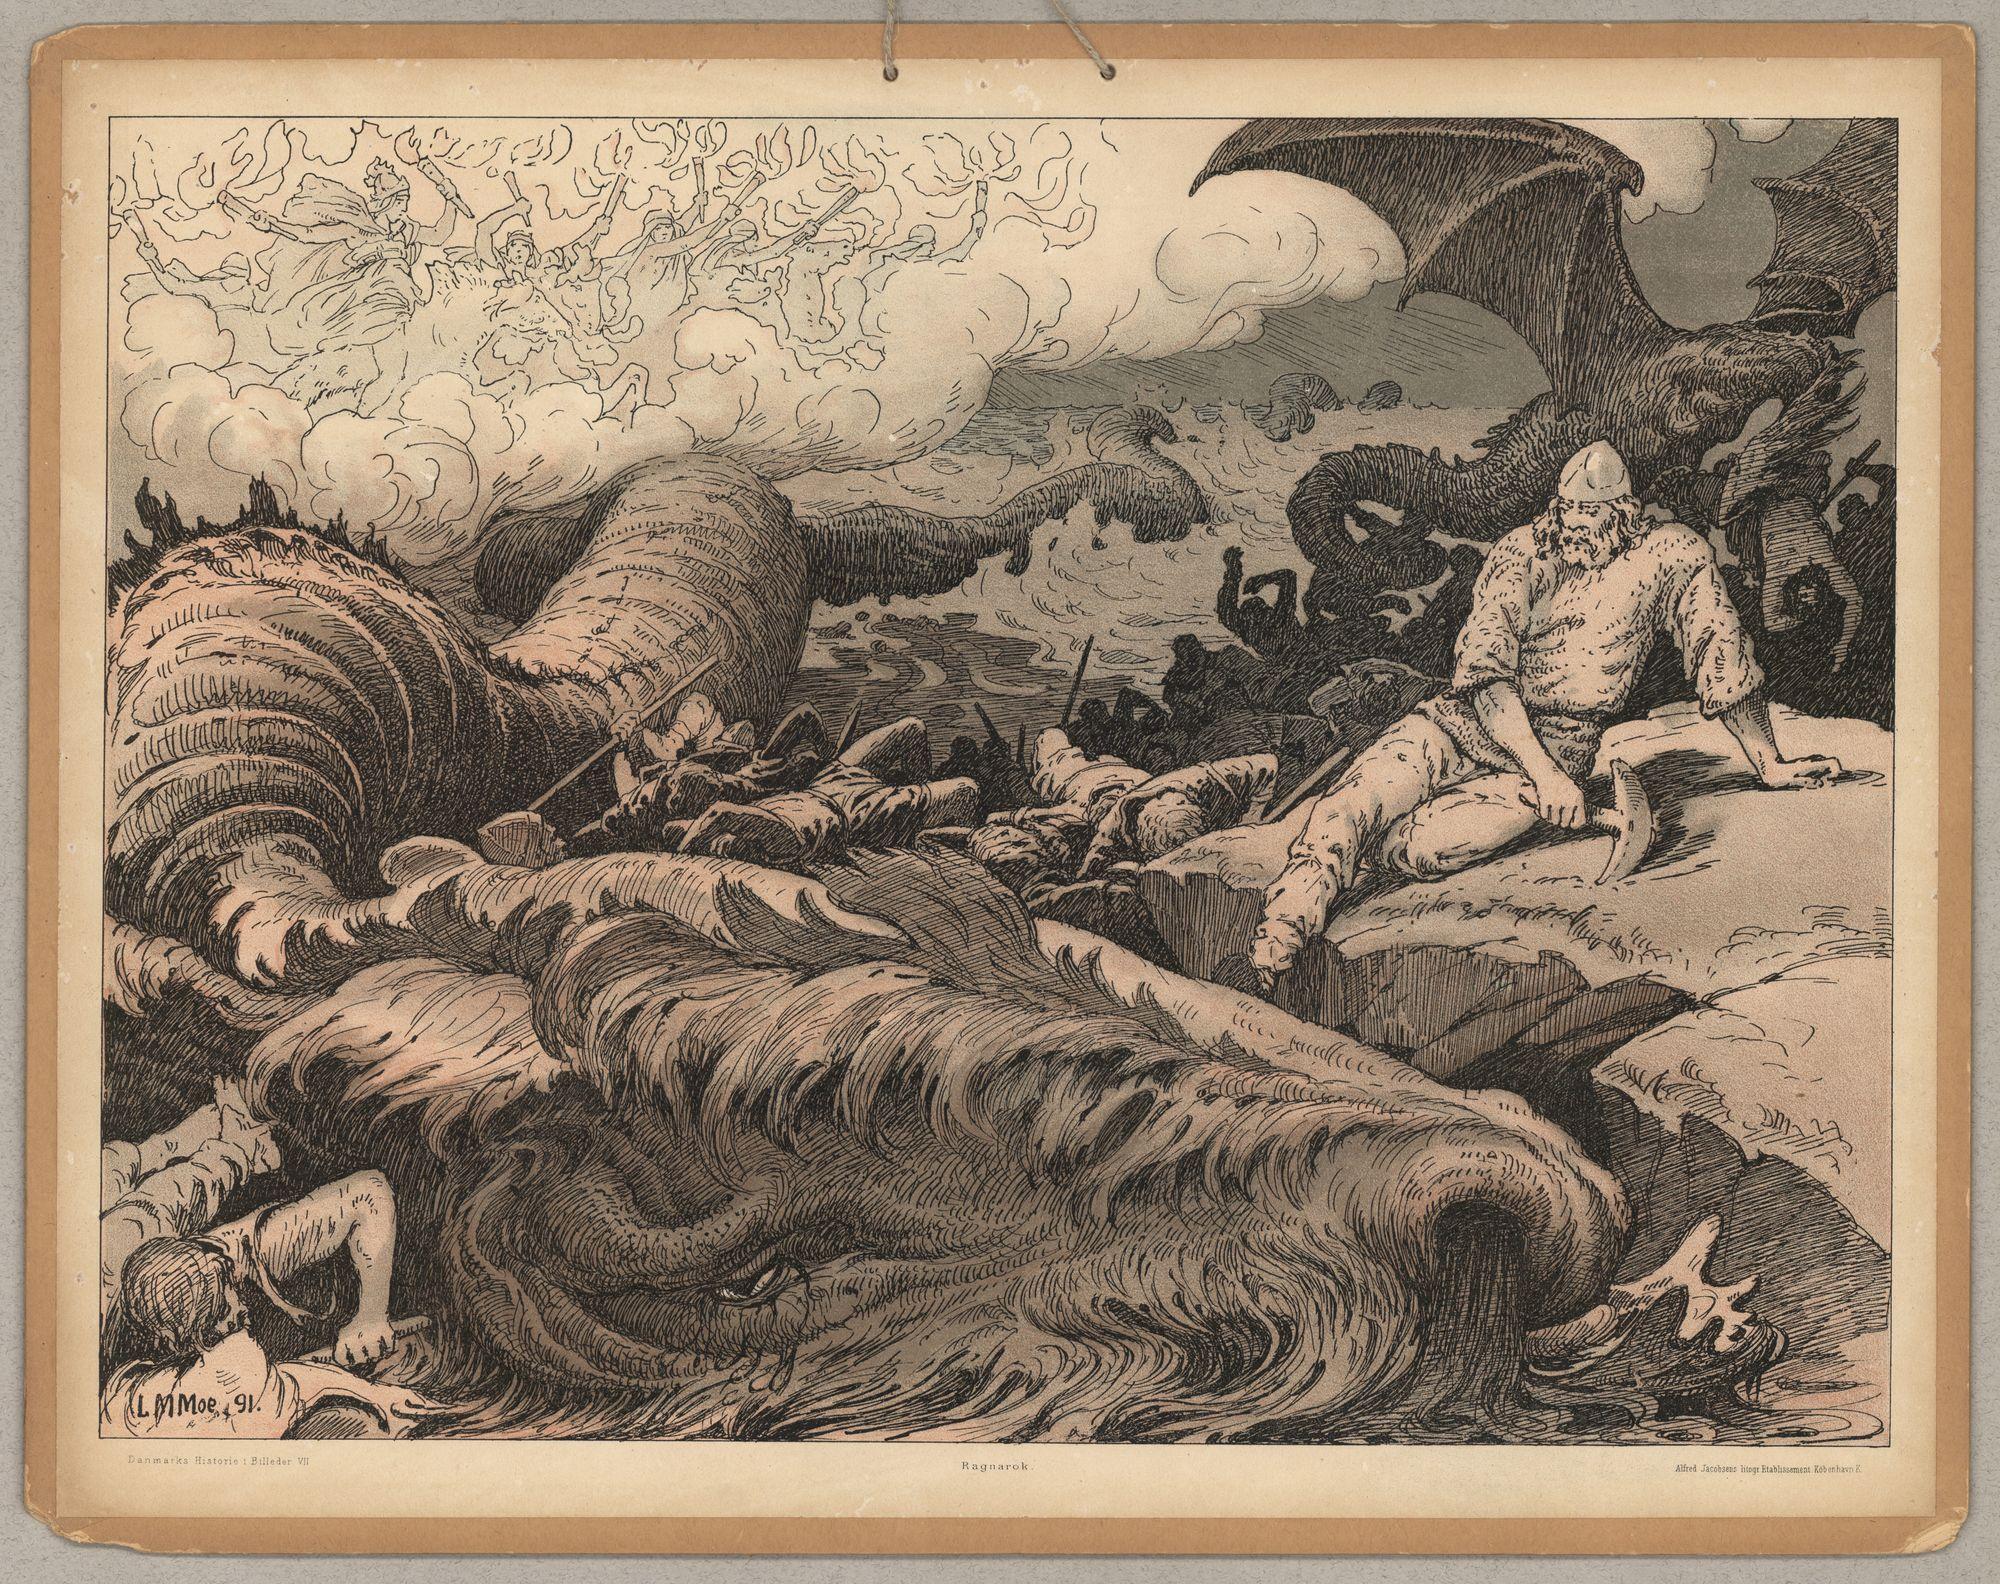 Representación del Ragnarök en una pintura de Luis Moe.